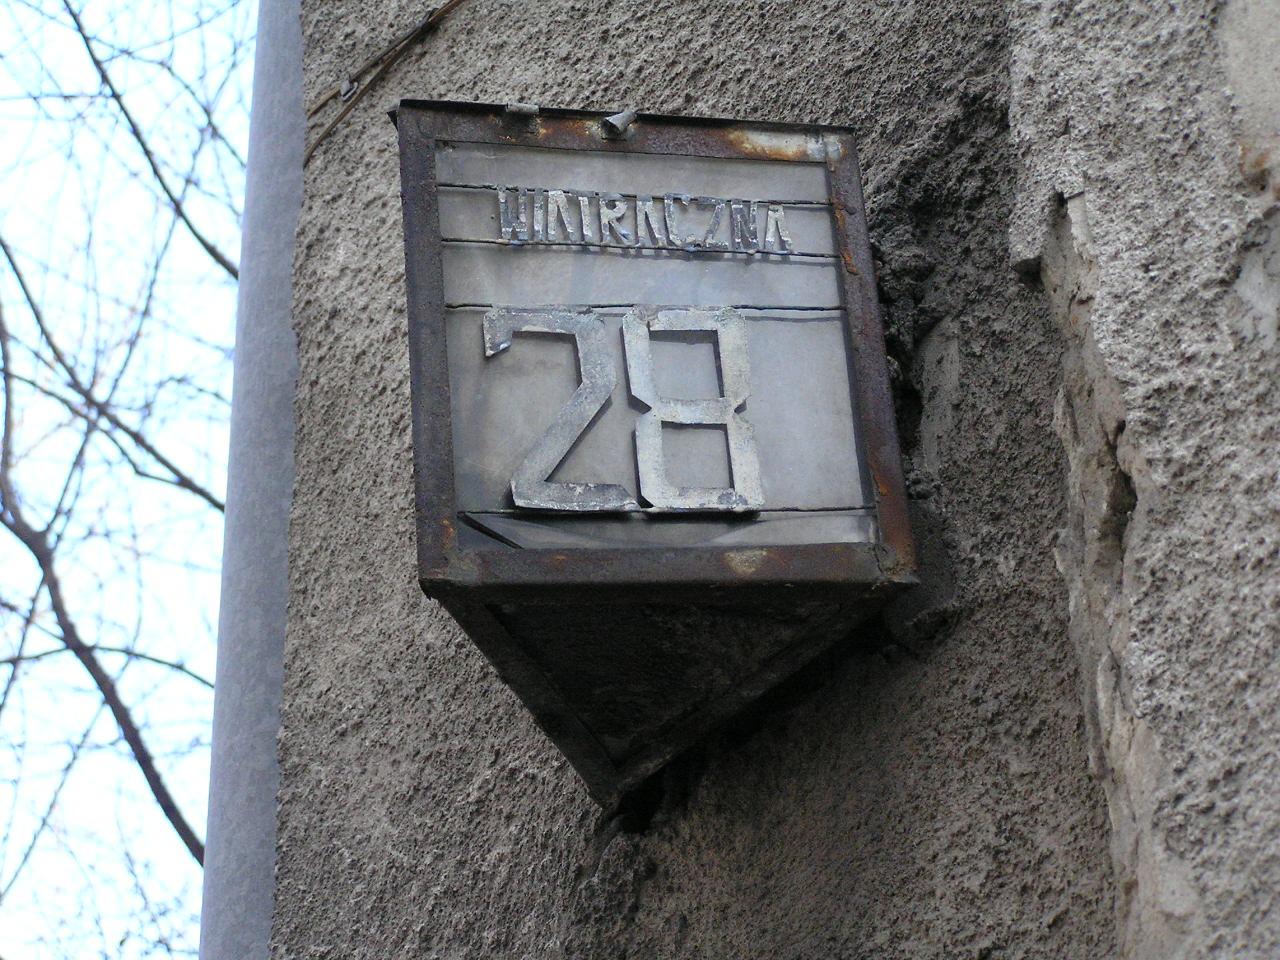 Latarenka adresowa przy ulicy Wiatracznej 28A na Grochowie